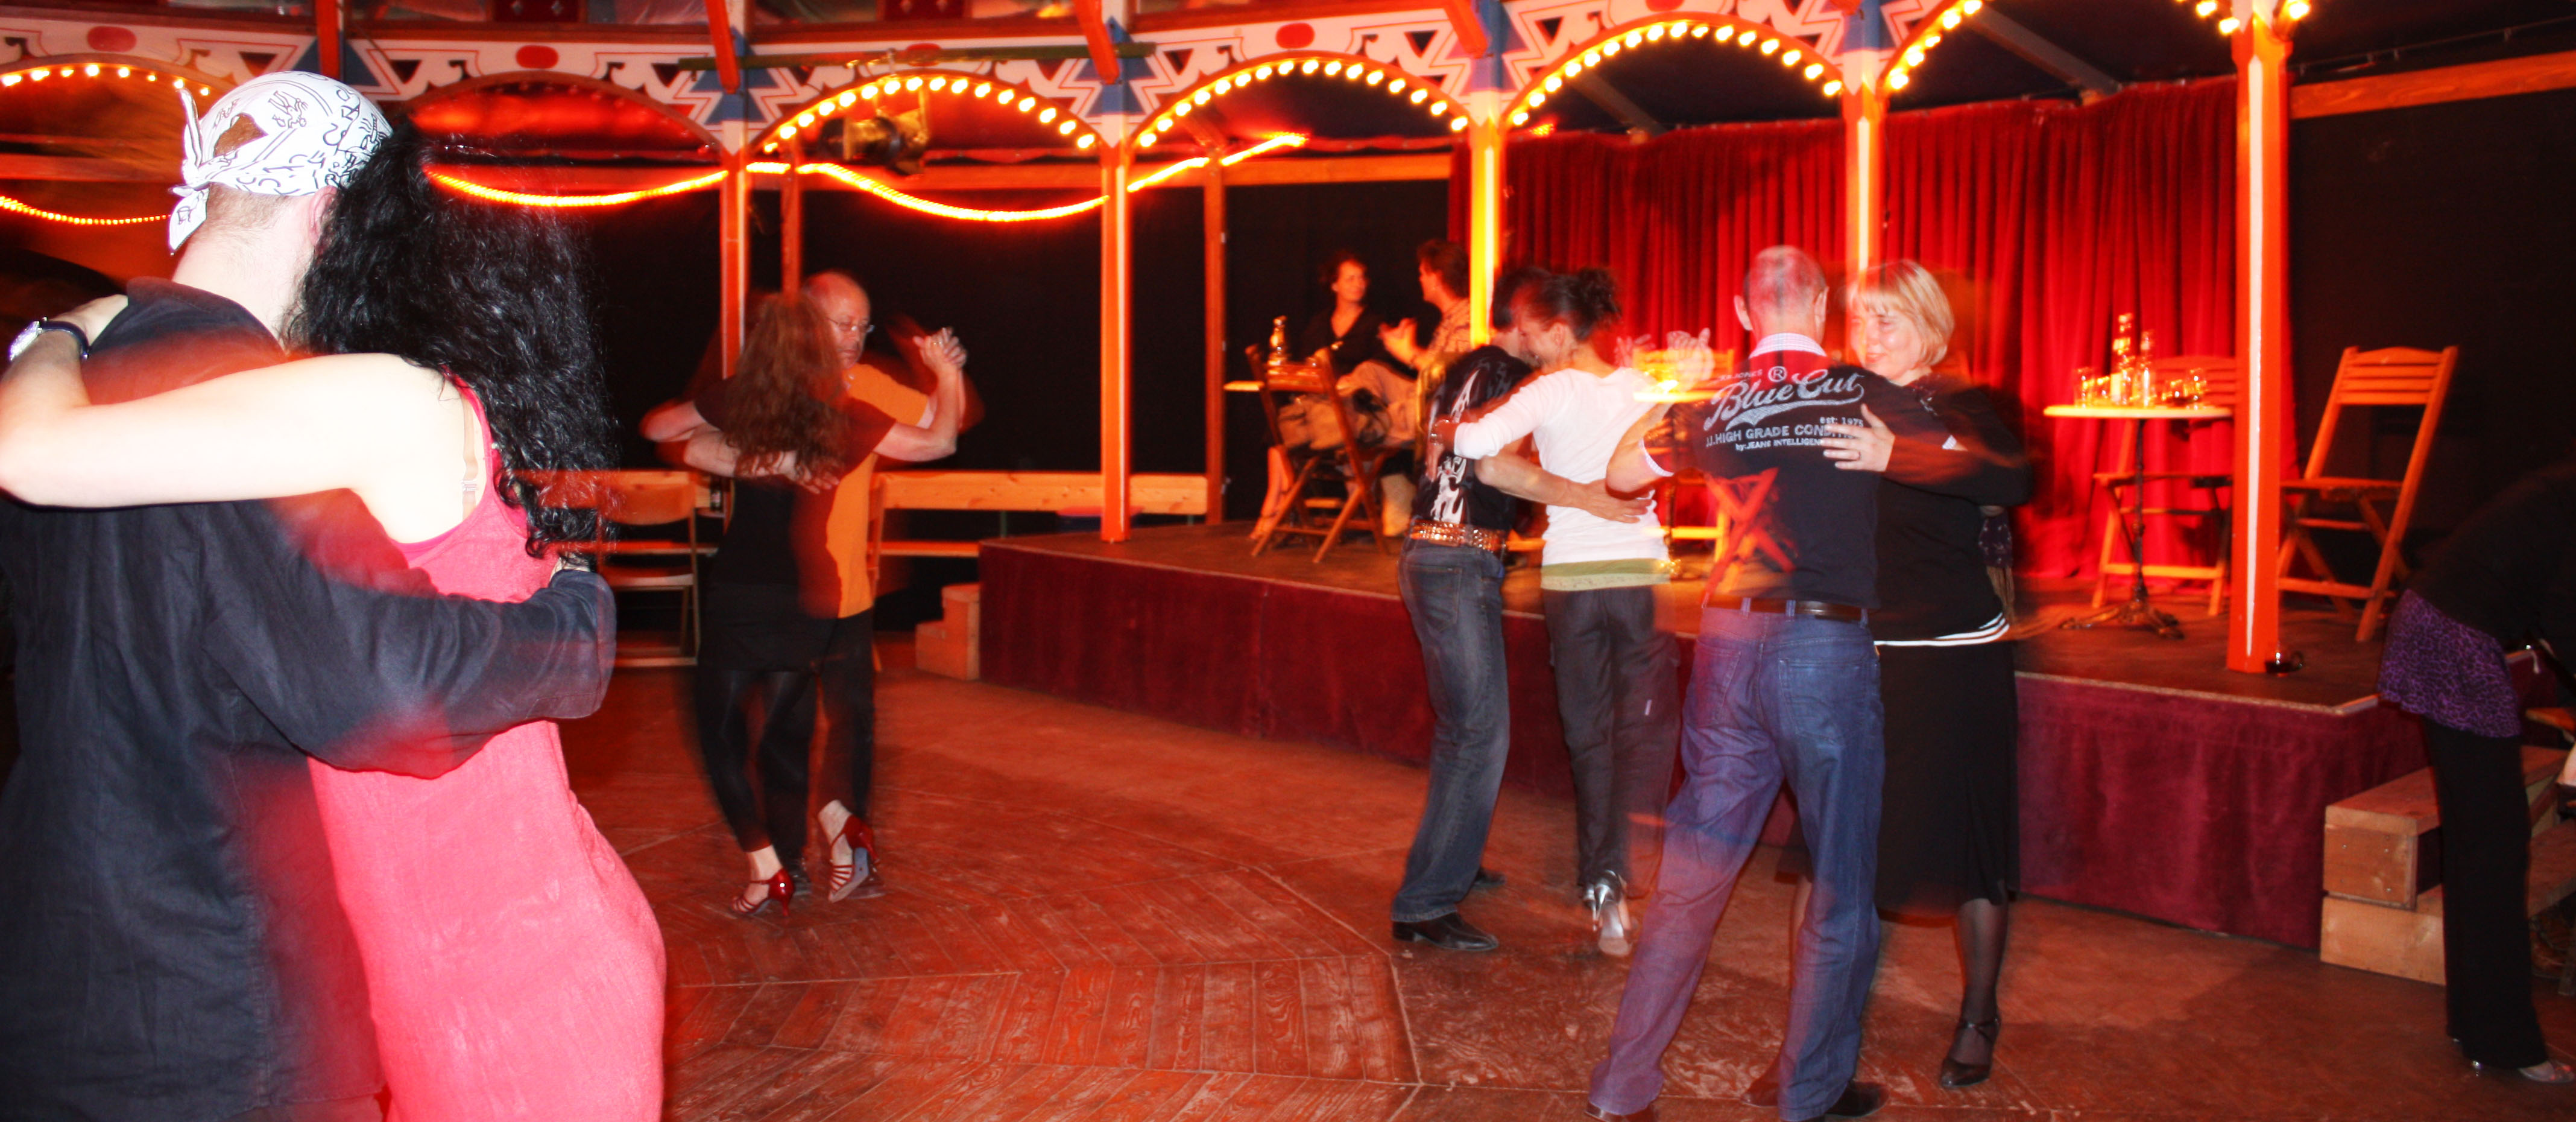 Event Location, Veranstaltungsort, Feste, Hochzeit, Geburtstag, Jubiläum, Konzert, Theater, Tanz